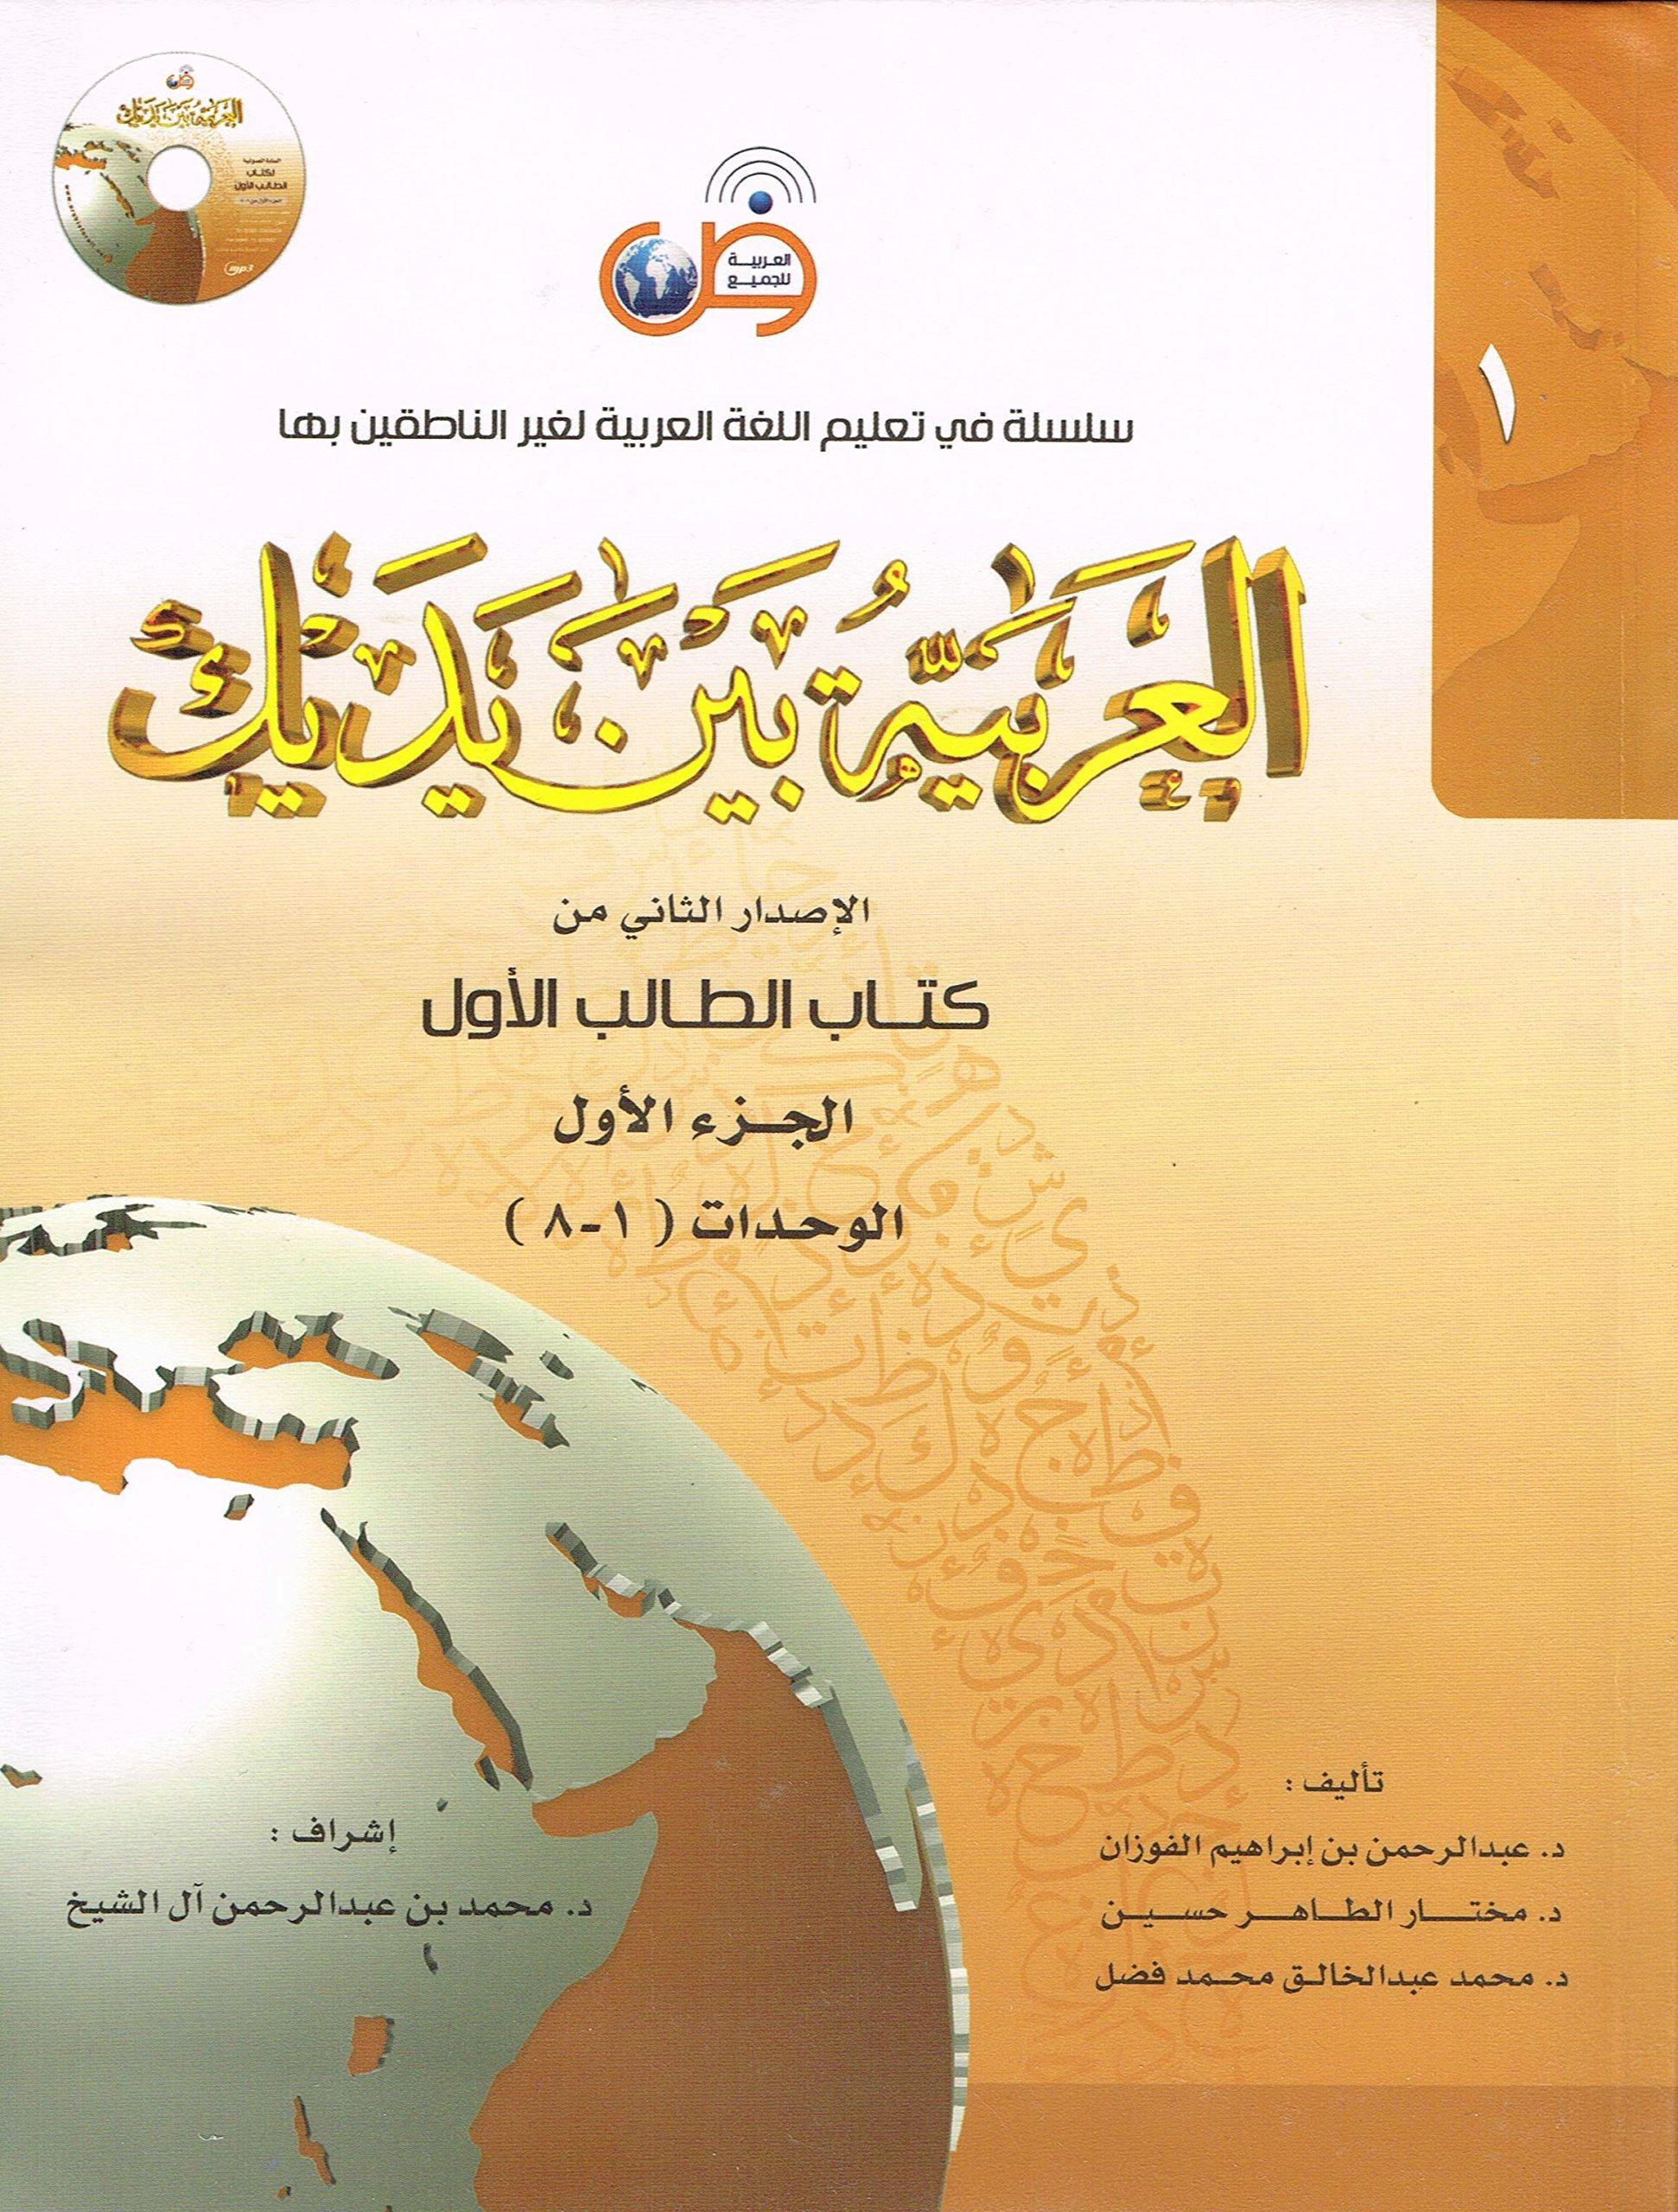 Arabisch zwischen deinen Händen (Bücher-SET) 1te Stufe NEU Ver. العربية بين يديك المستوى الأول 2014